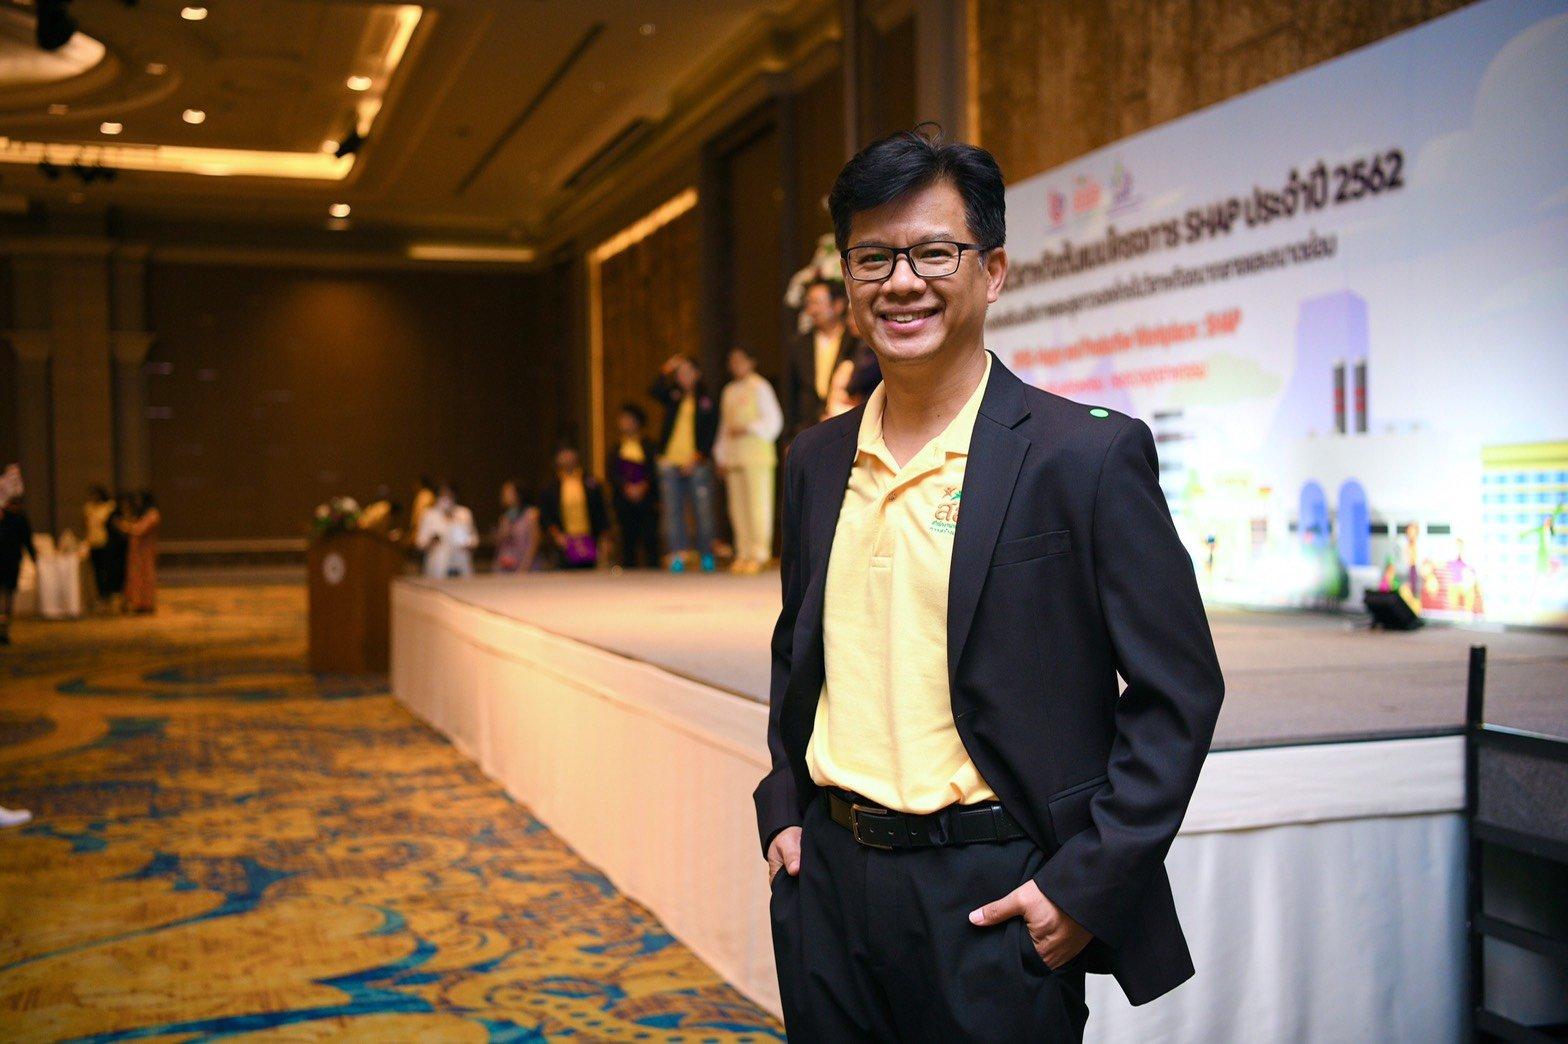 สสส. จับมือ กสอ. ชูองค์กรสุขภาวะต้นแบบ thaihealth